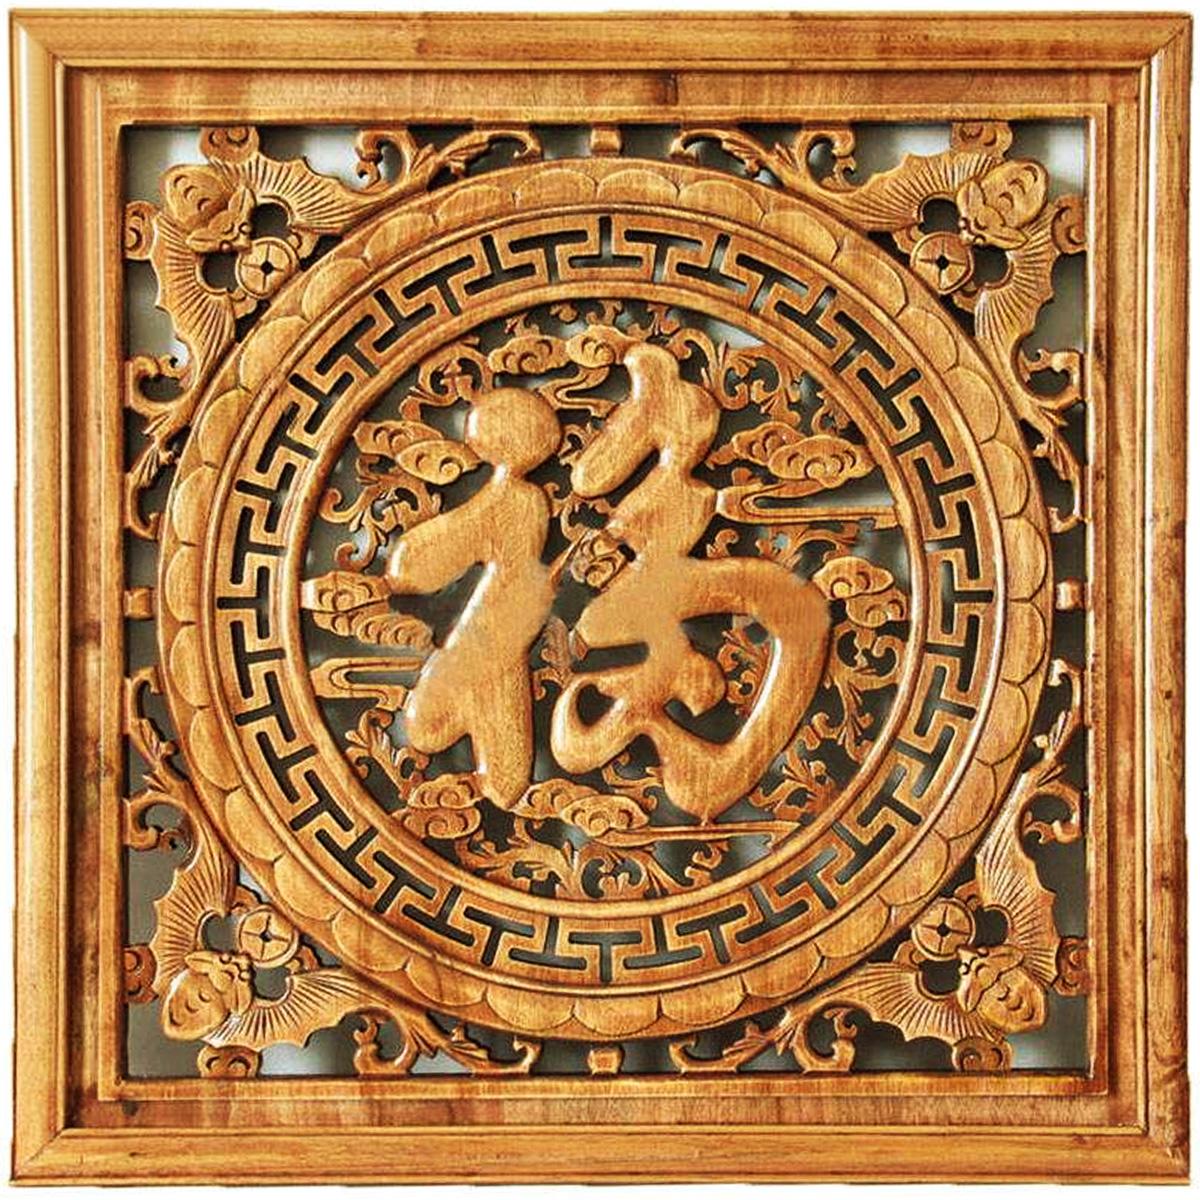 中国风建筑、居家装饰中的五福书法木雕